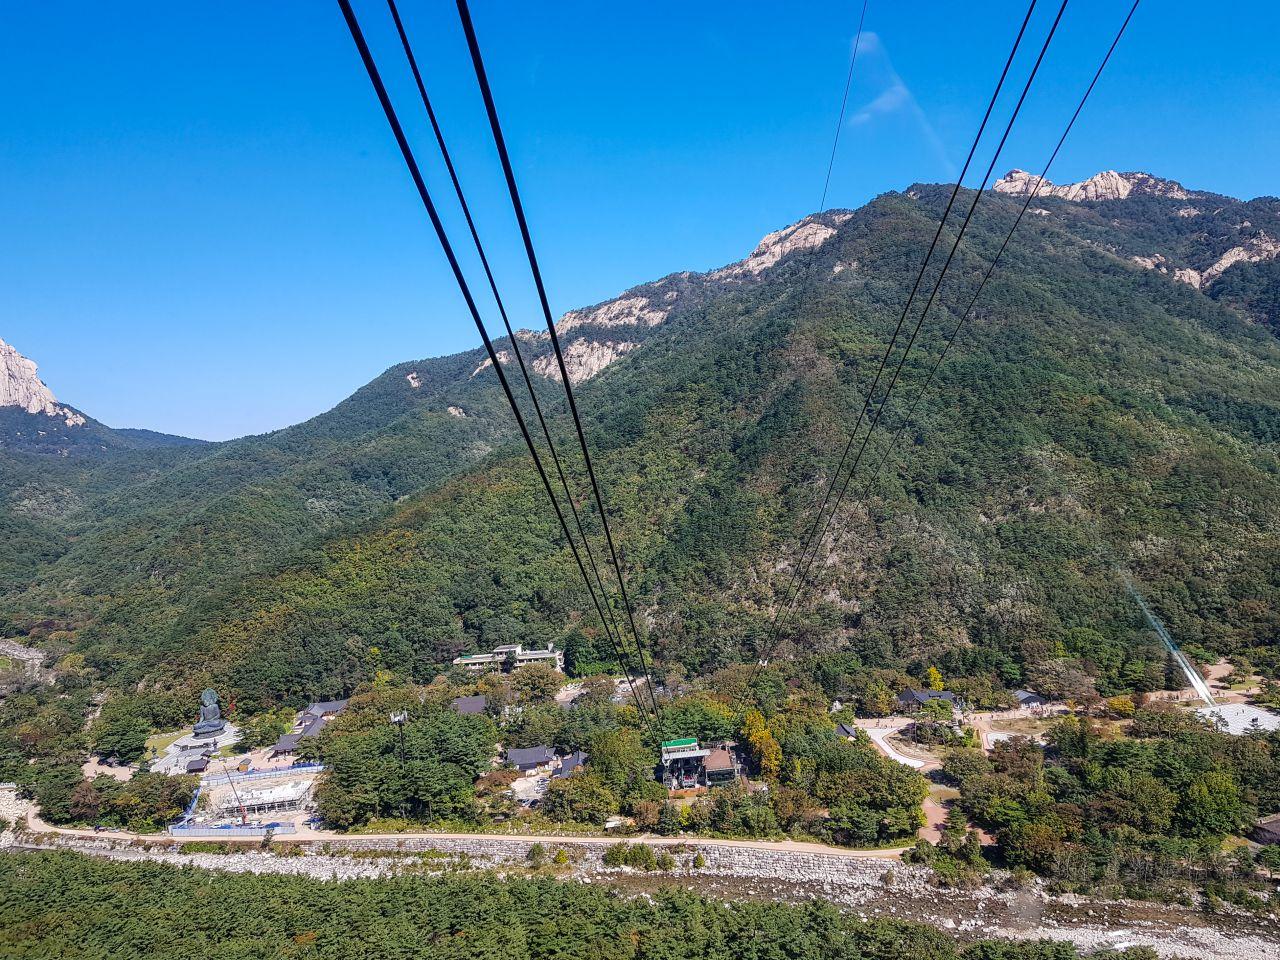 설악산 케이블카에서 바라본 설악동 소공원 풍경-110130